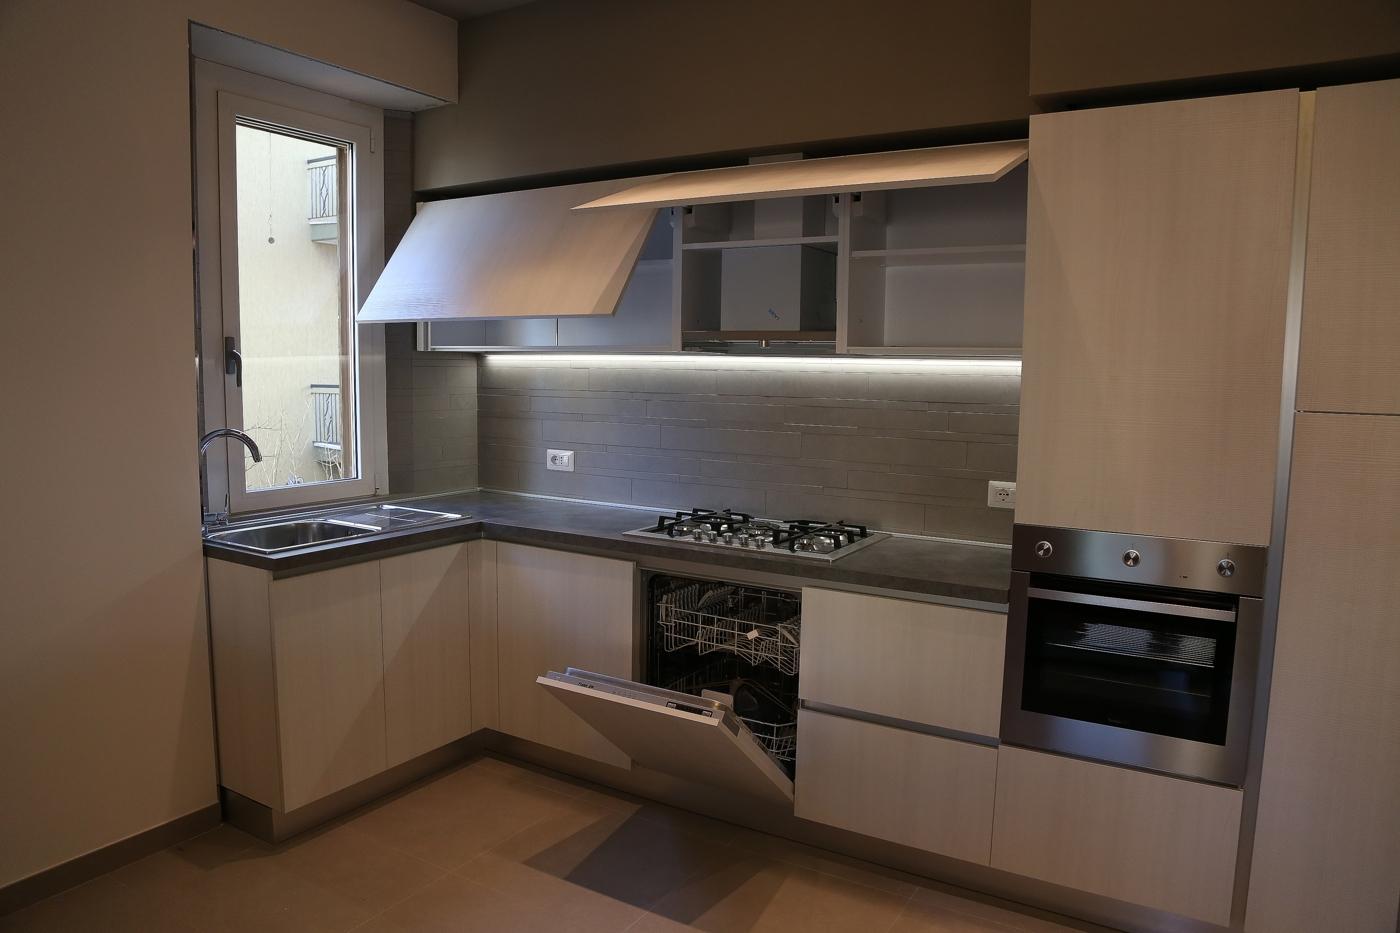 Cucina su misura casa del mobile rimini - Cucine con finestra ...